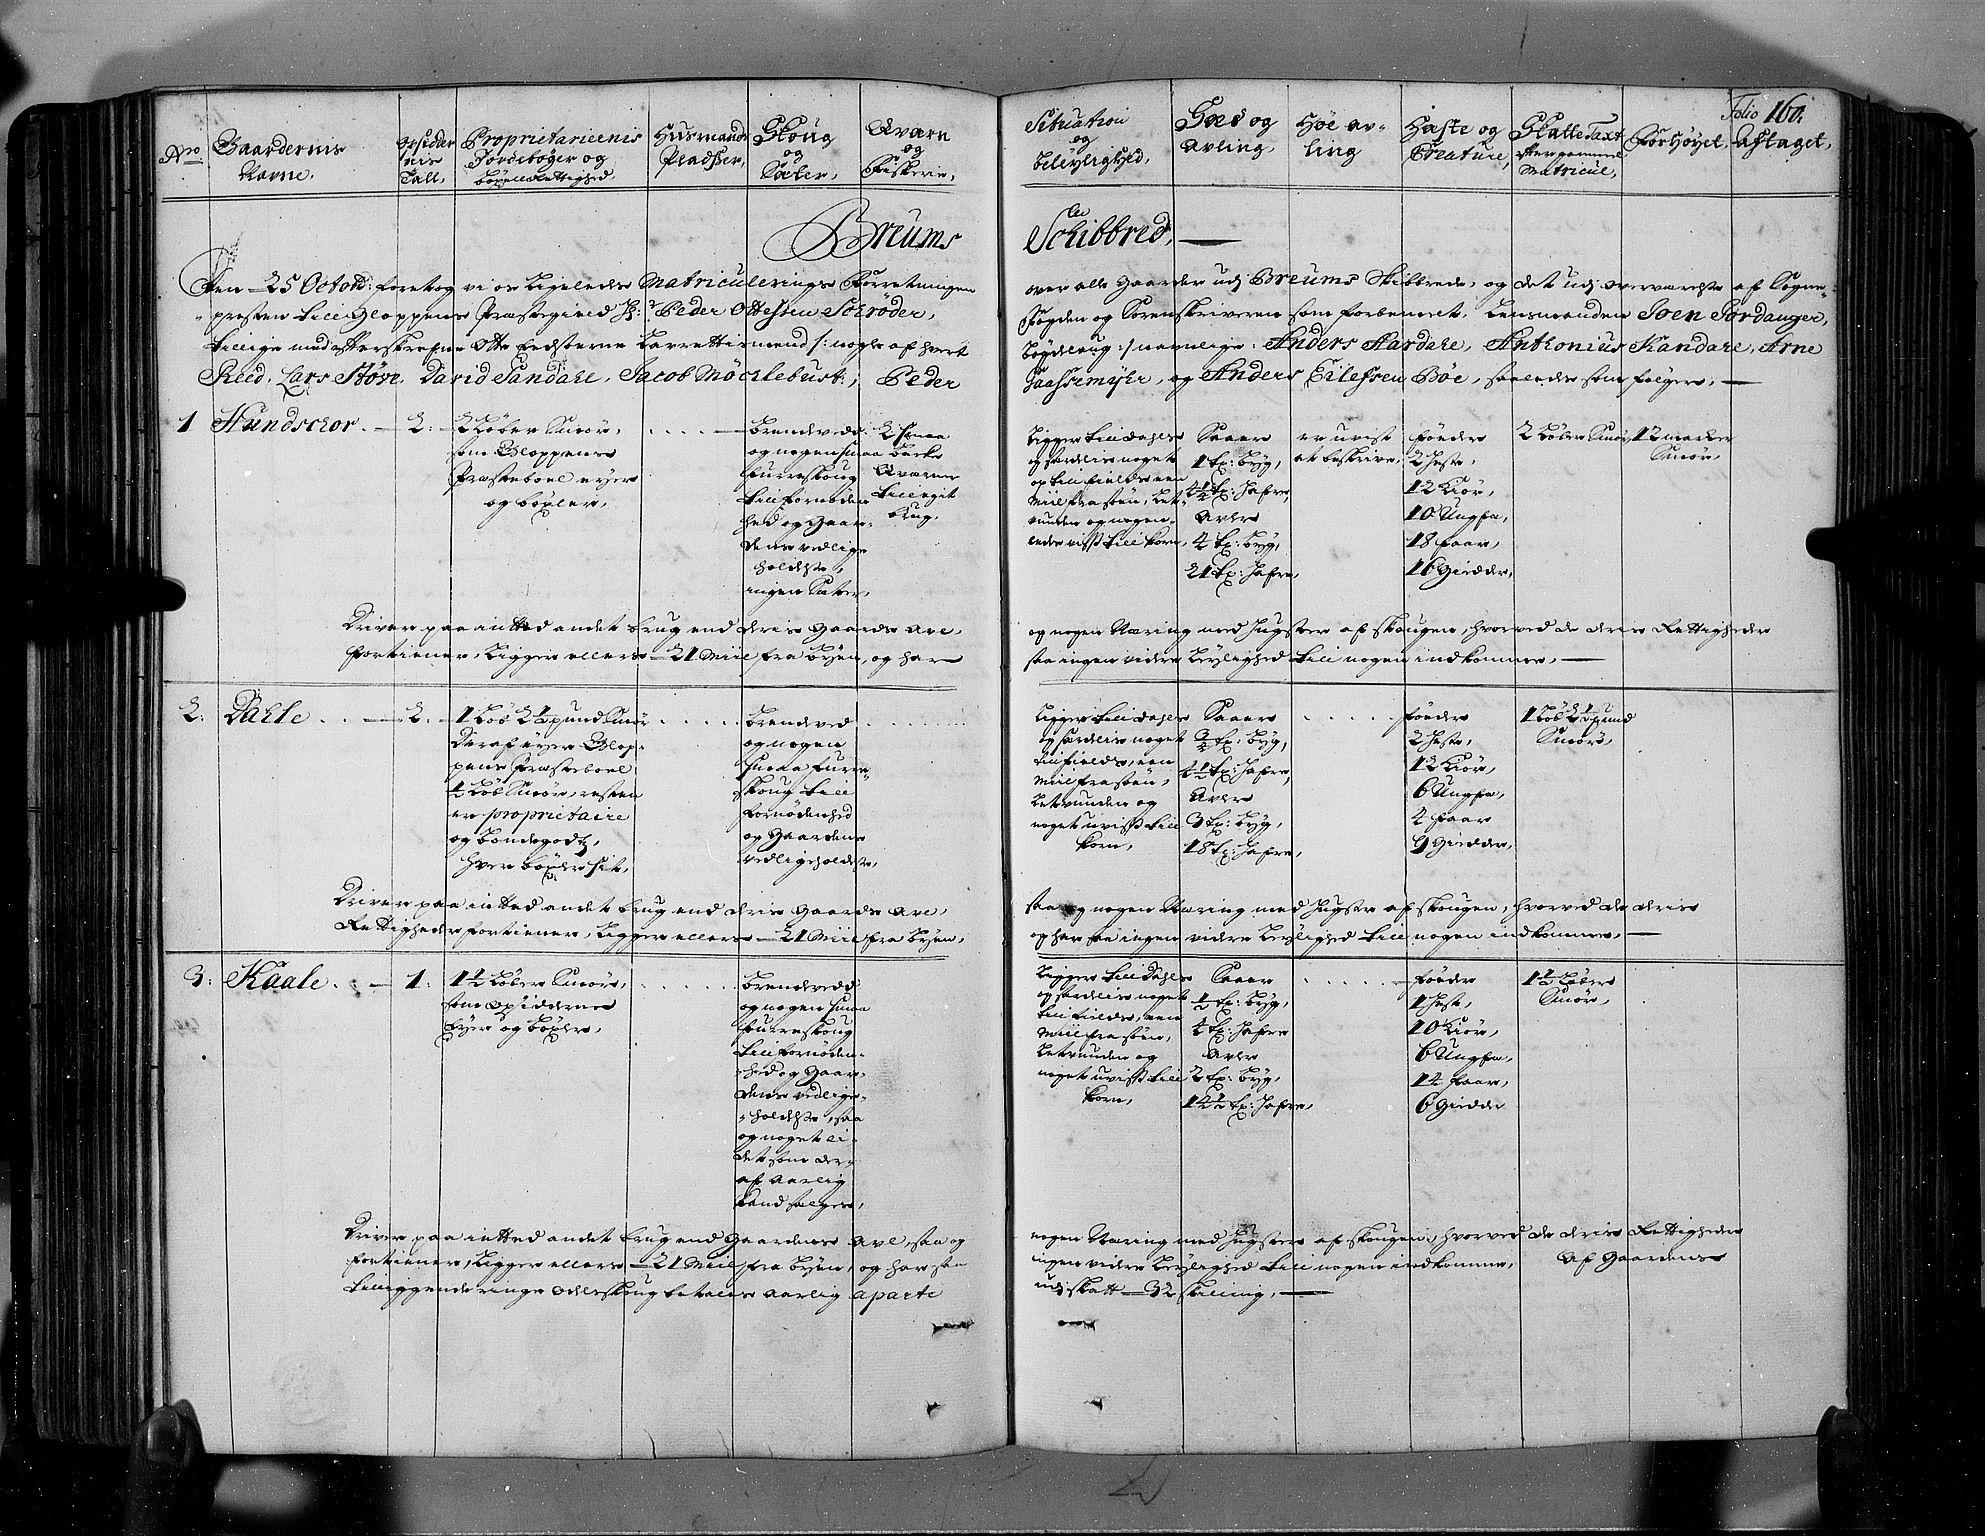 RA, Rentekammeret inntil 1814, Realistisk ordnet avdeling, N/Nb/Nbf/L0146: Sunnfjord og Nordfjord eksaminasjonsprotokoll, 1723, s. 159b-160a